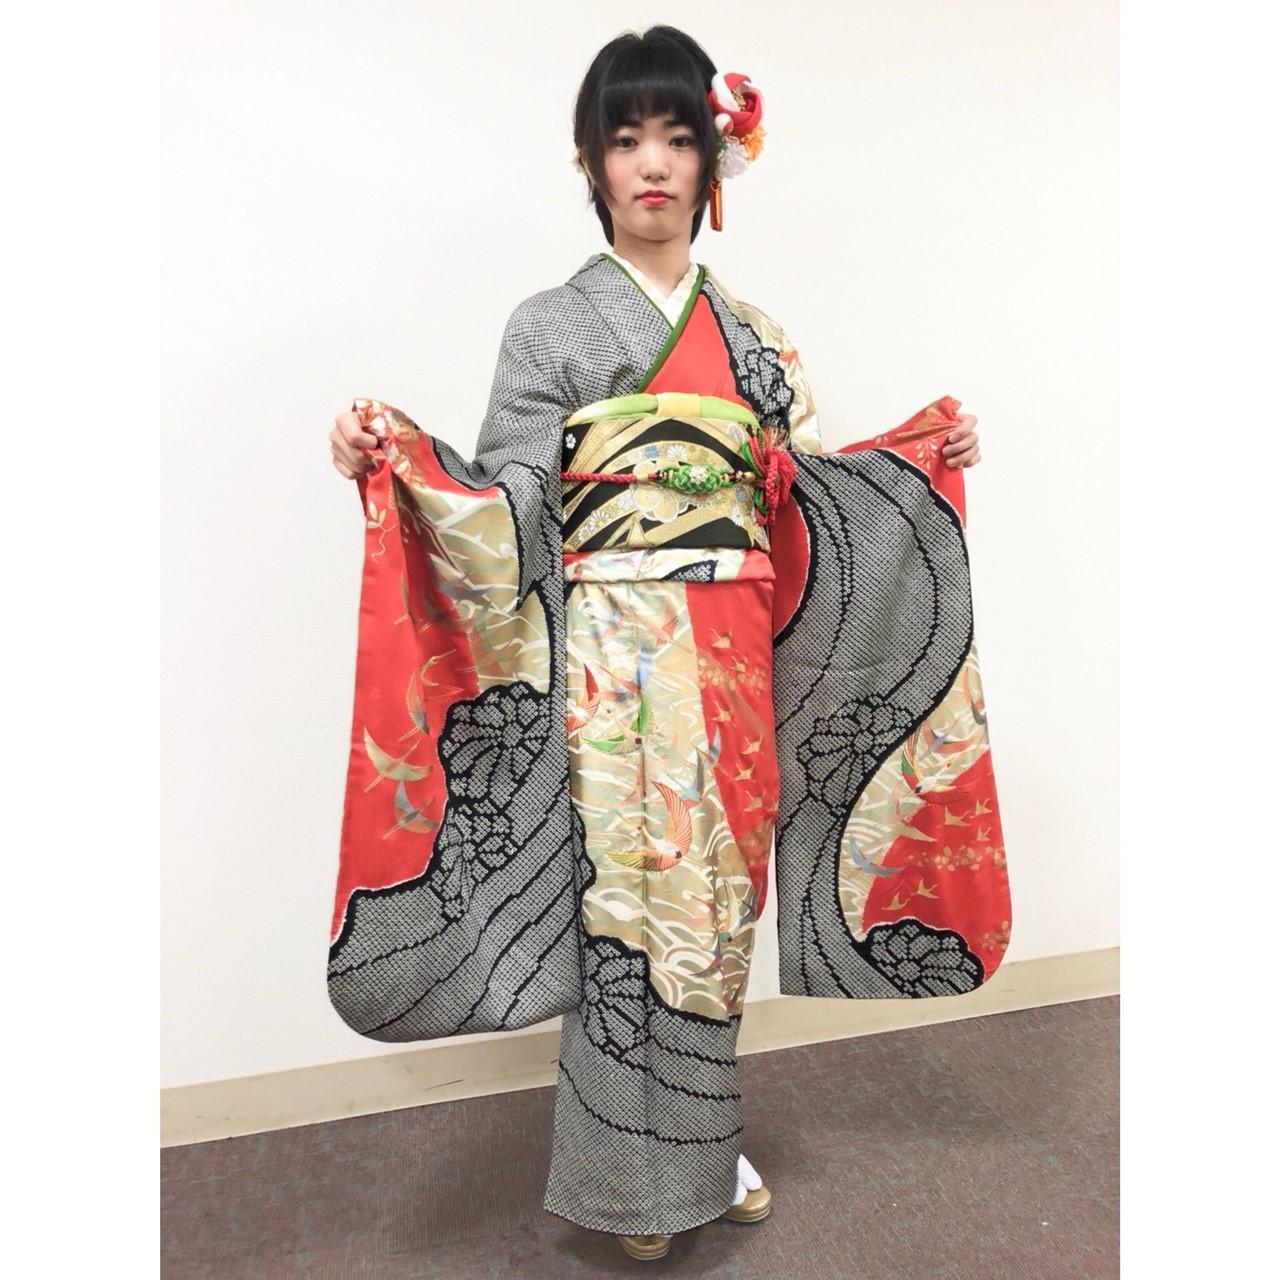 2018 土浦店 前撮り撮影会